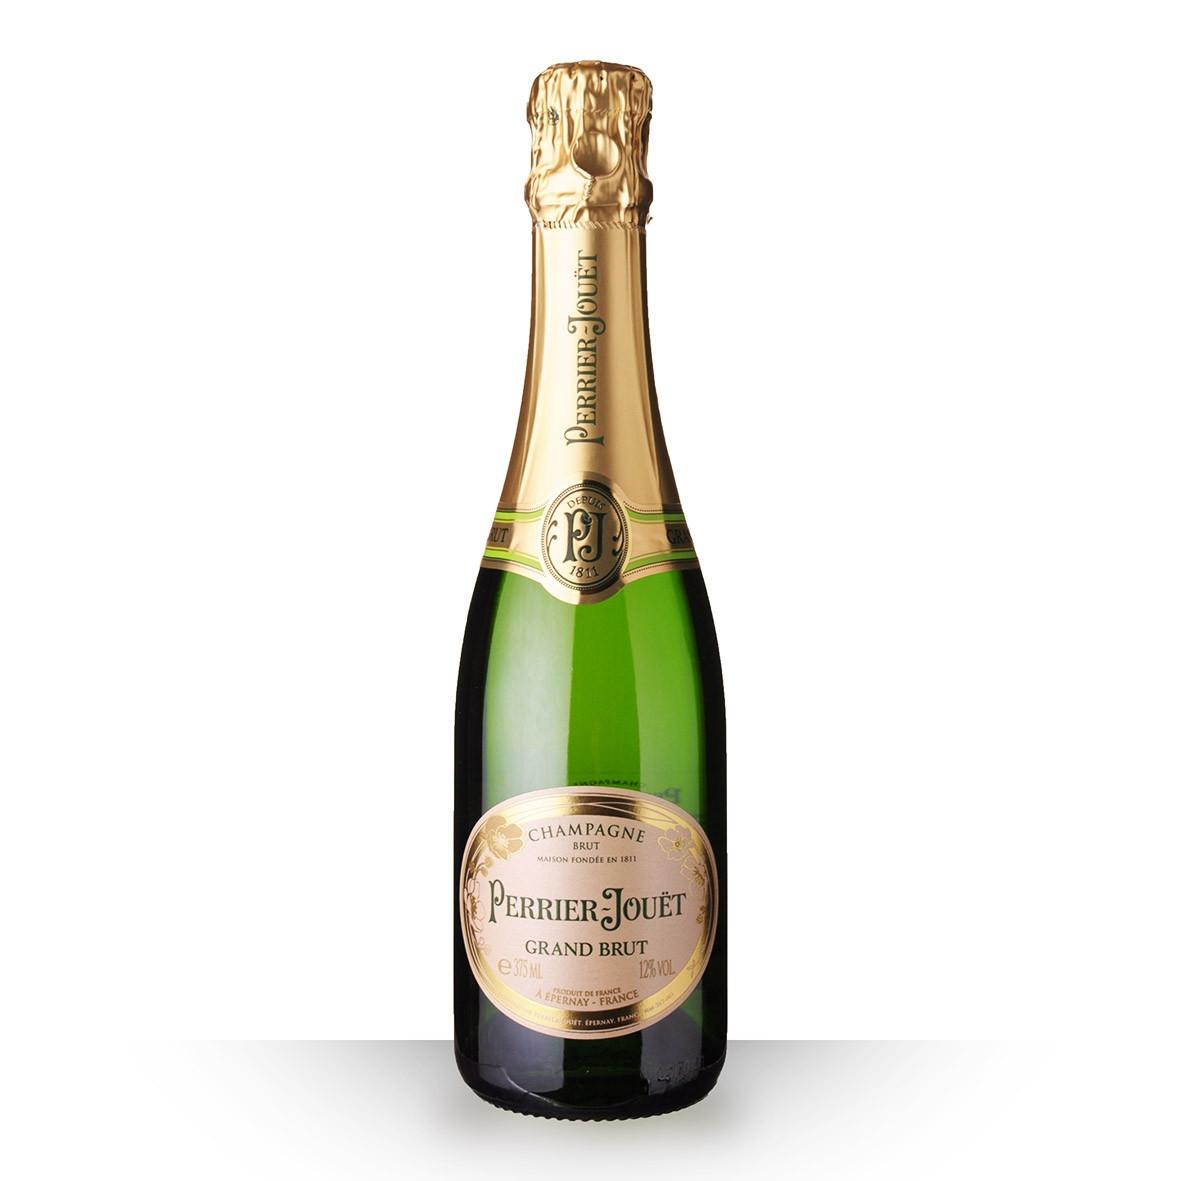 Champagne Perrier-Jouët Grand Brut 37,5cl www.odyssee-vins.com